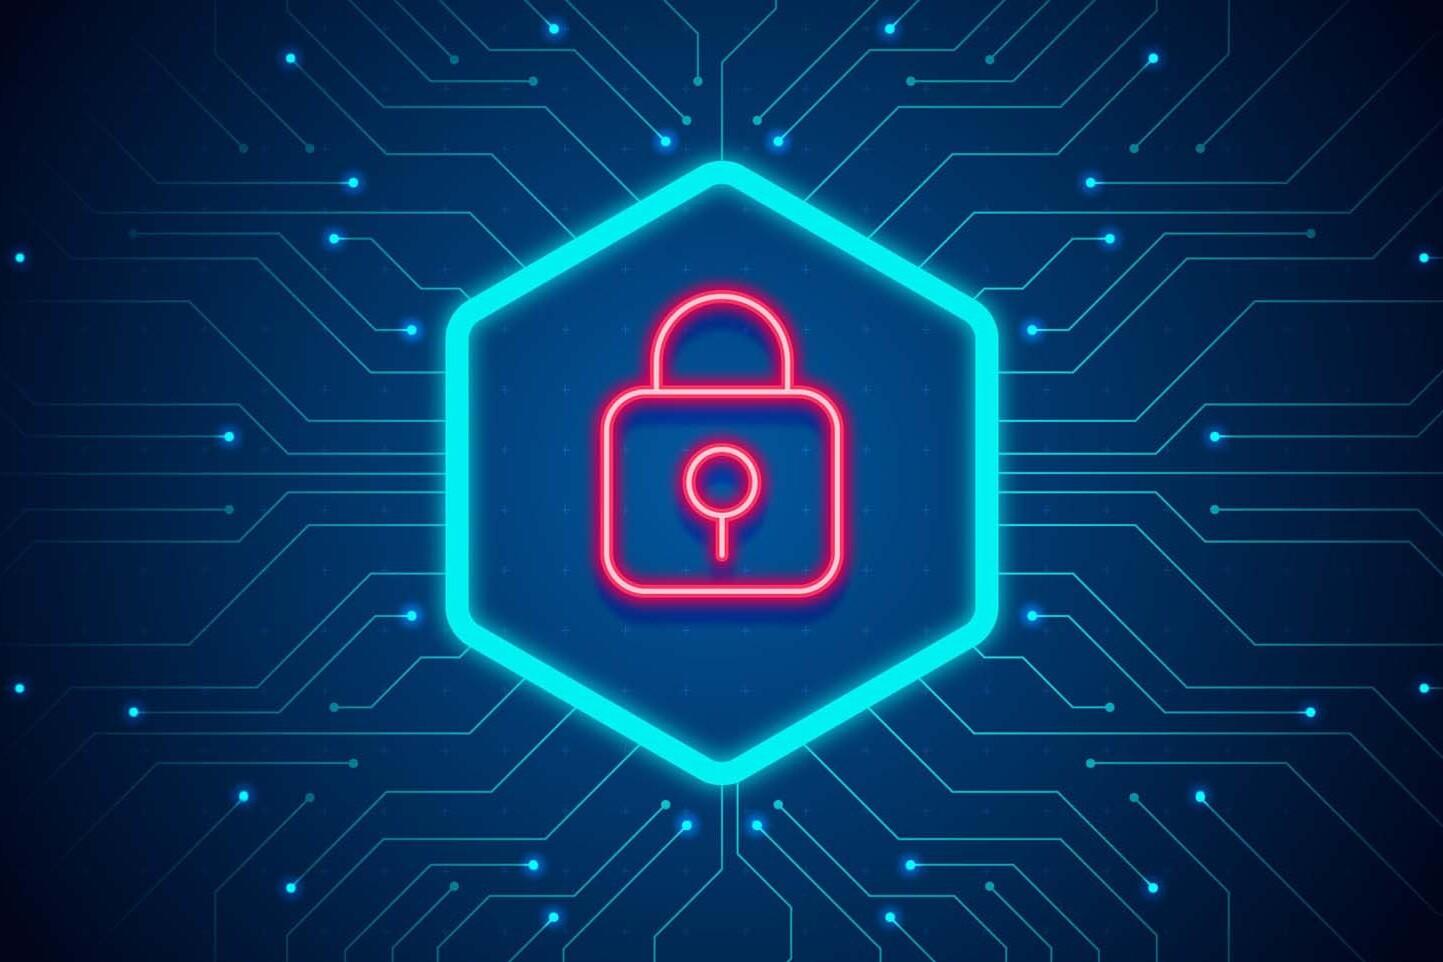 La sicurezza informatica è formata da un insieme di buone pratiche e strumenti che insieme mantengono al sicuro la tua rete IT aziendale.